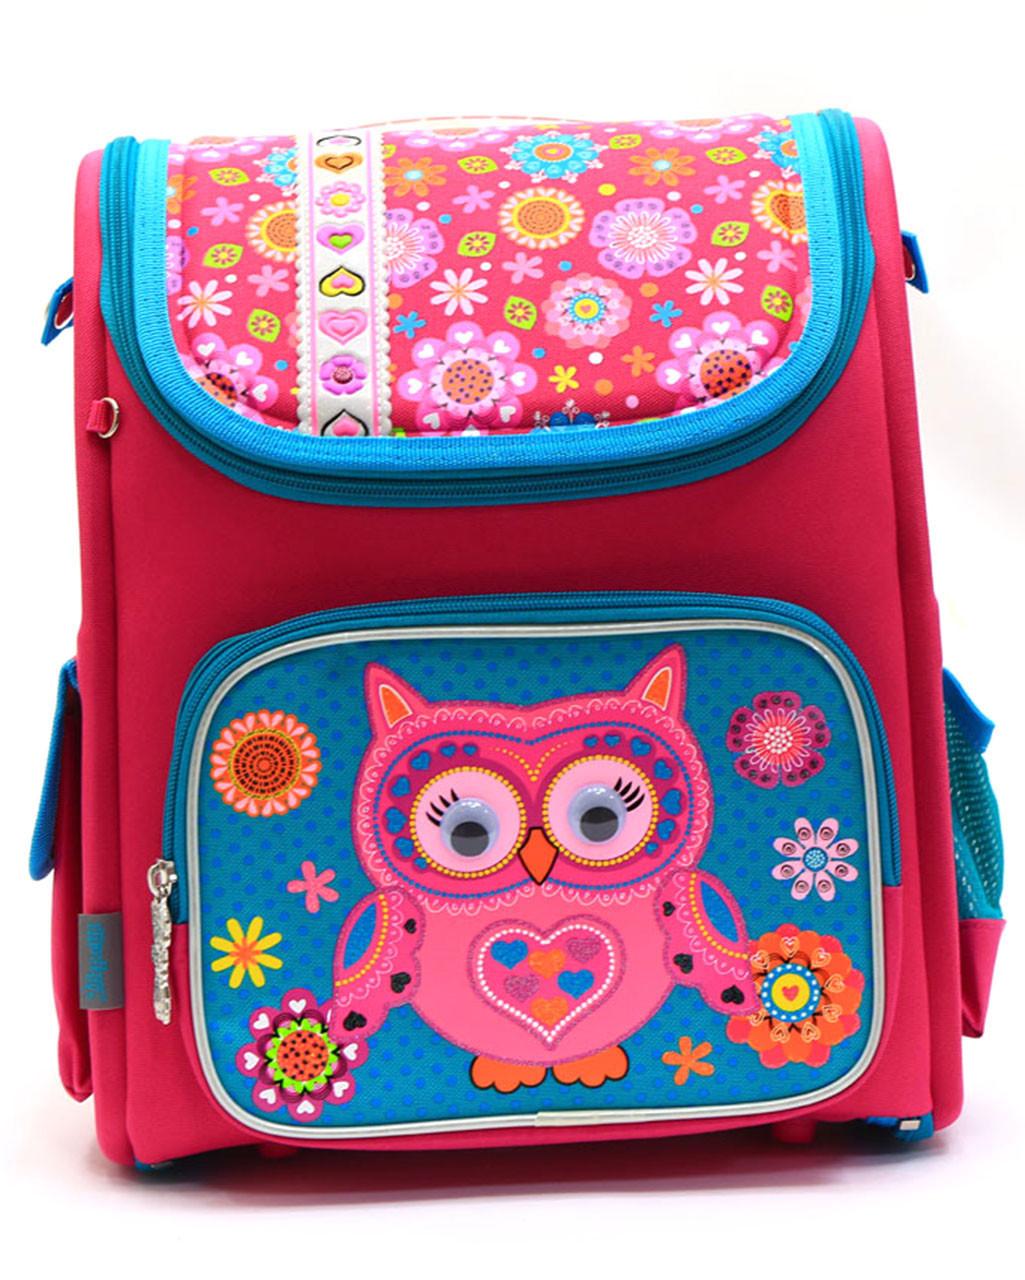 beb35a7fe68a Рюкзак школьный каркасный Сова «1 вересня» 555100 - Интернет-магазин